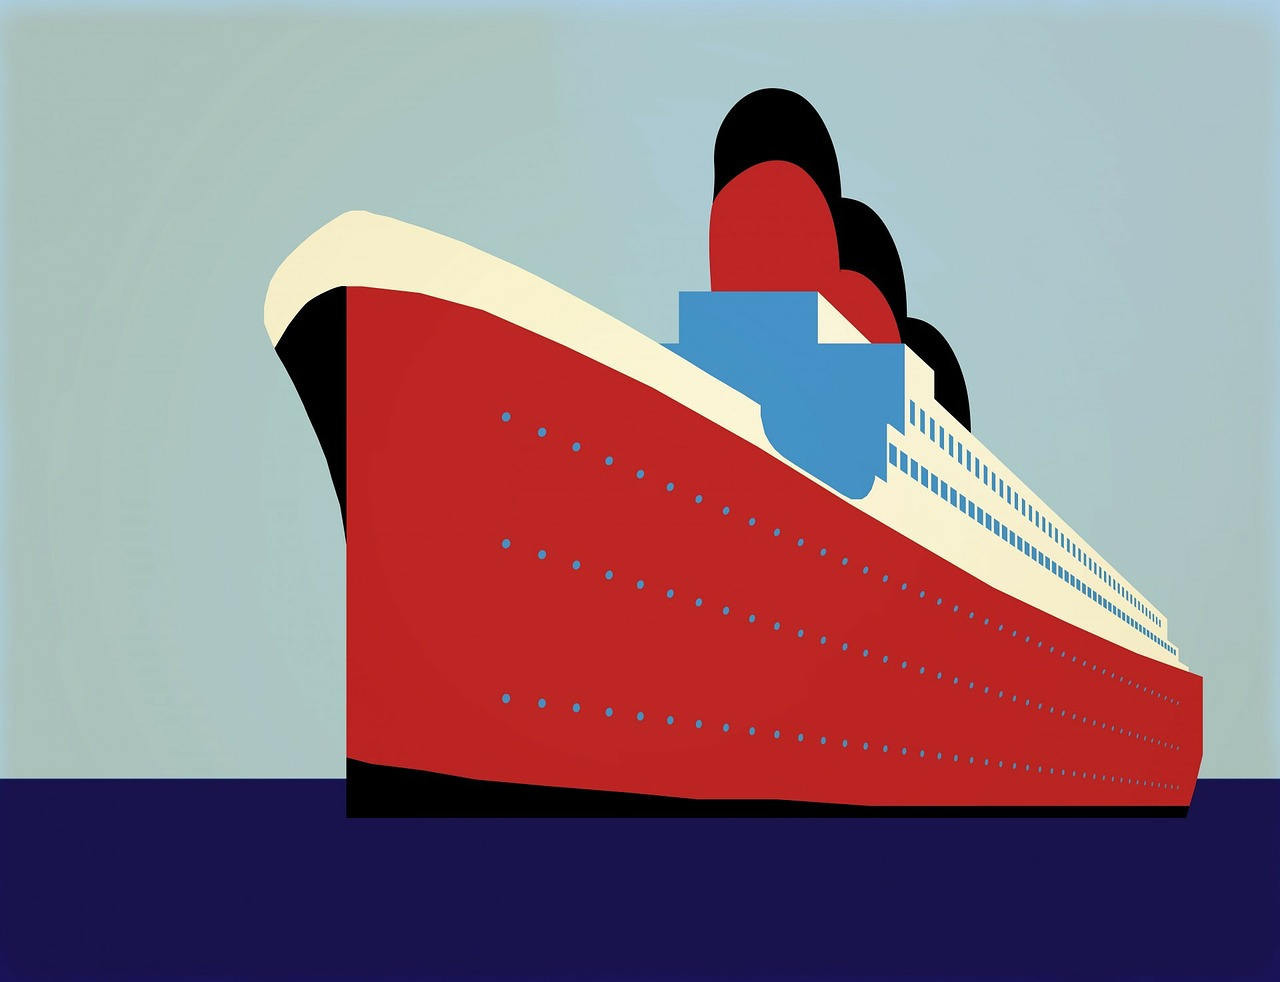 Kapal Perahu Pesiar Gambar Gratis Di Pixabay